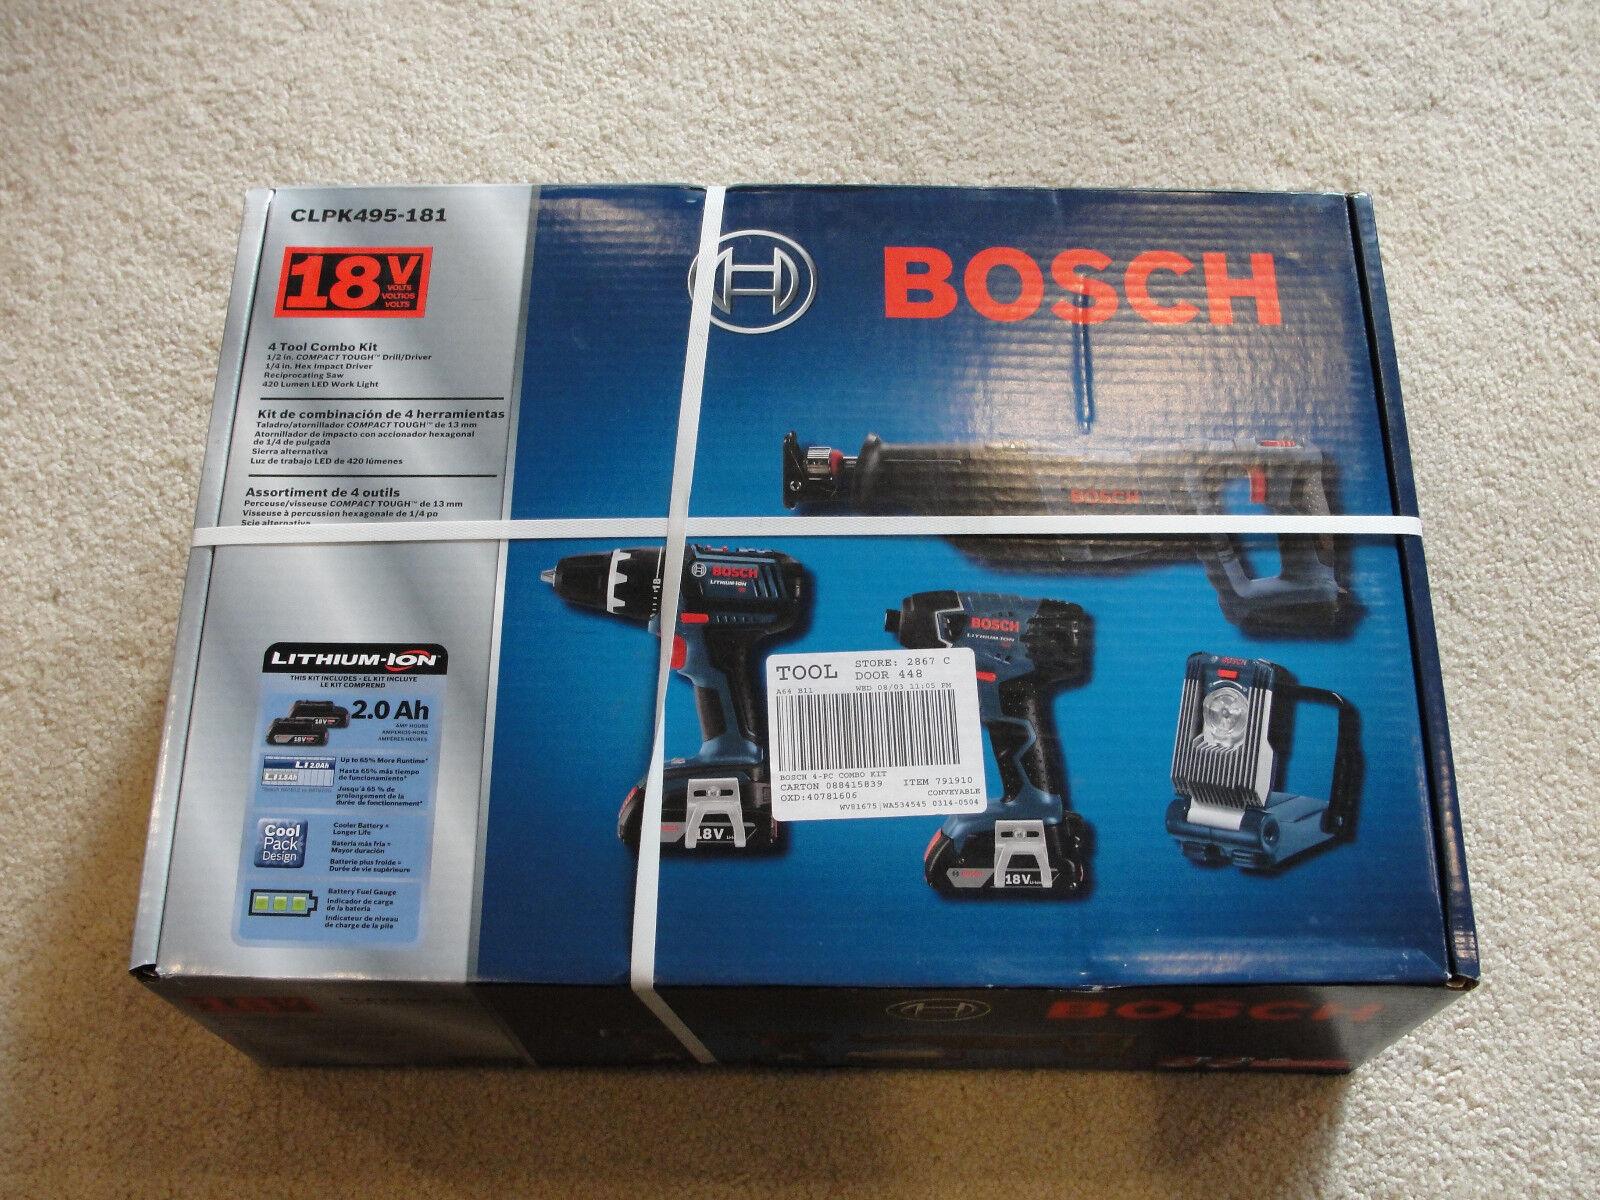 Bosch CLPK495-181 18-Volt 2.0Ah 4-Tool Drill/Driver and Reci